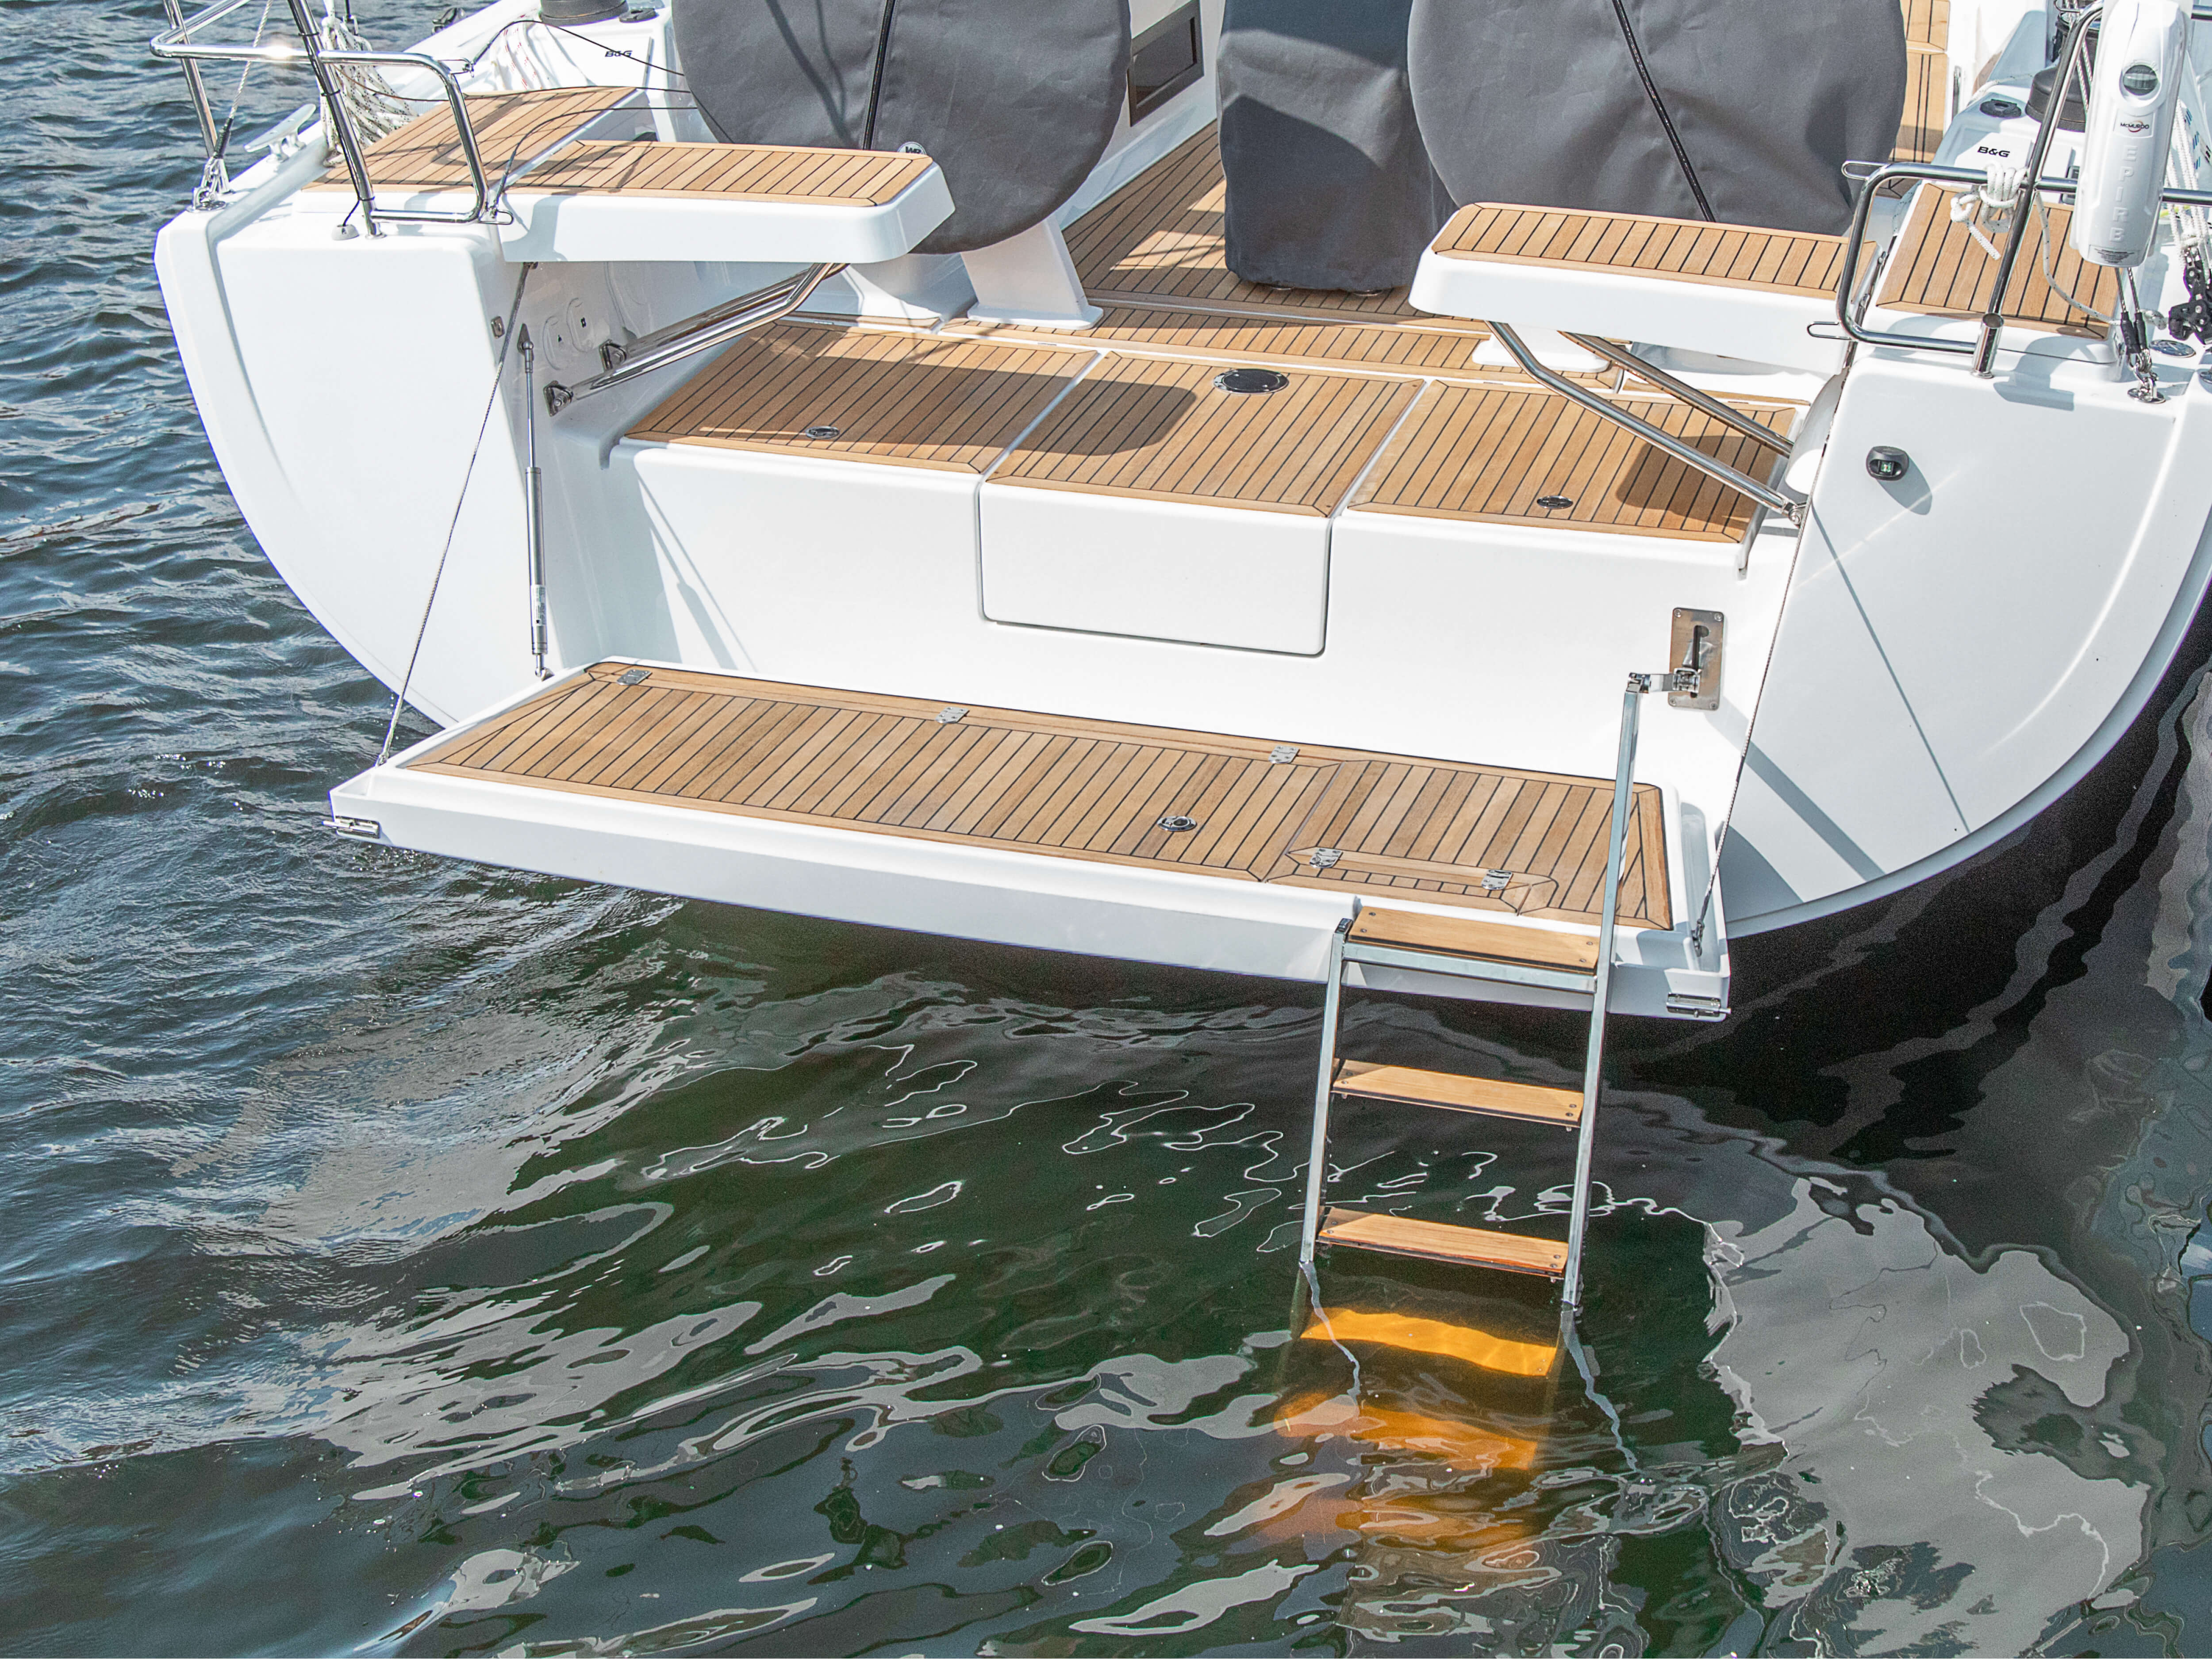 Hanse 418 | HANSE yatları modern, fonksiyonel tasarımlarıyla büyülüyor. Benzersiz, yalın zerafetleri dünyanın en iyi ve deneyimli yat tasarımcıları judel/vrolijk & co.'nin elinden çıkan performansla bir araya geliyor. | Hanse